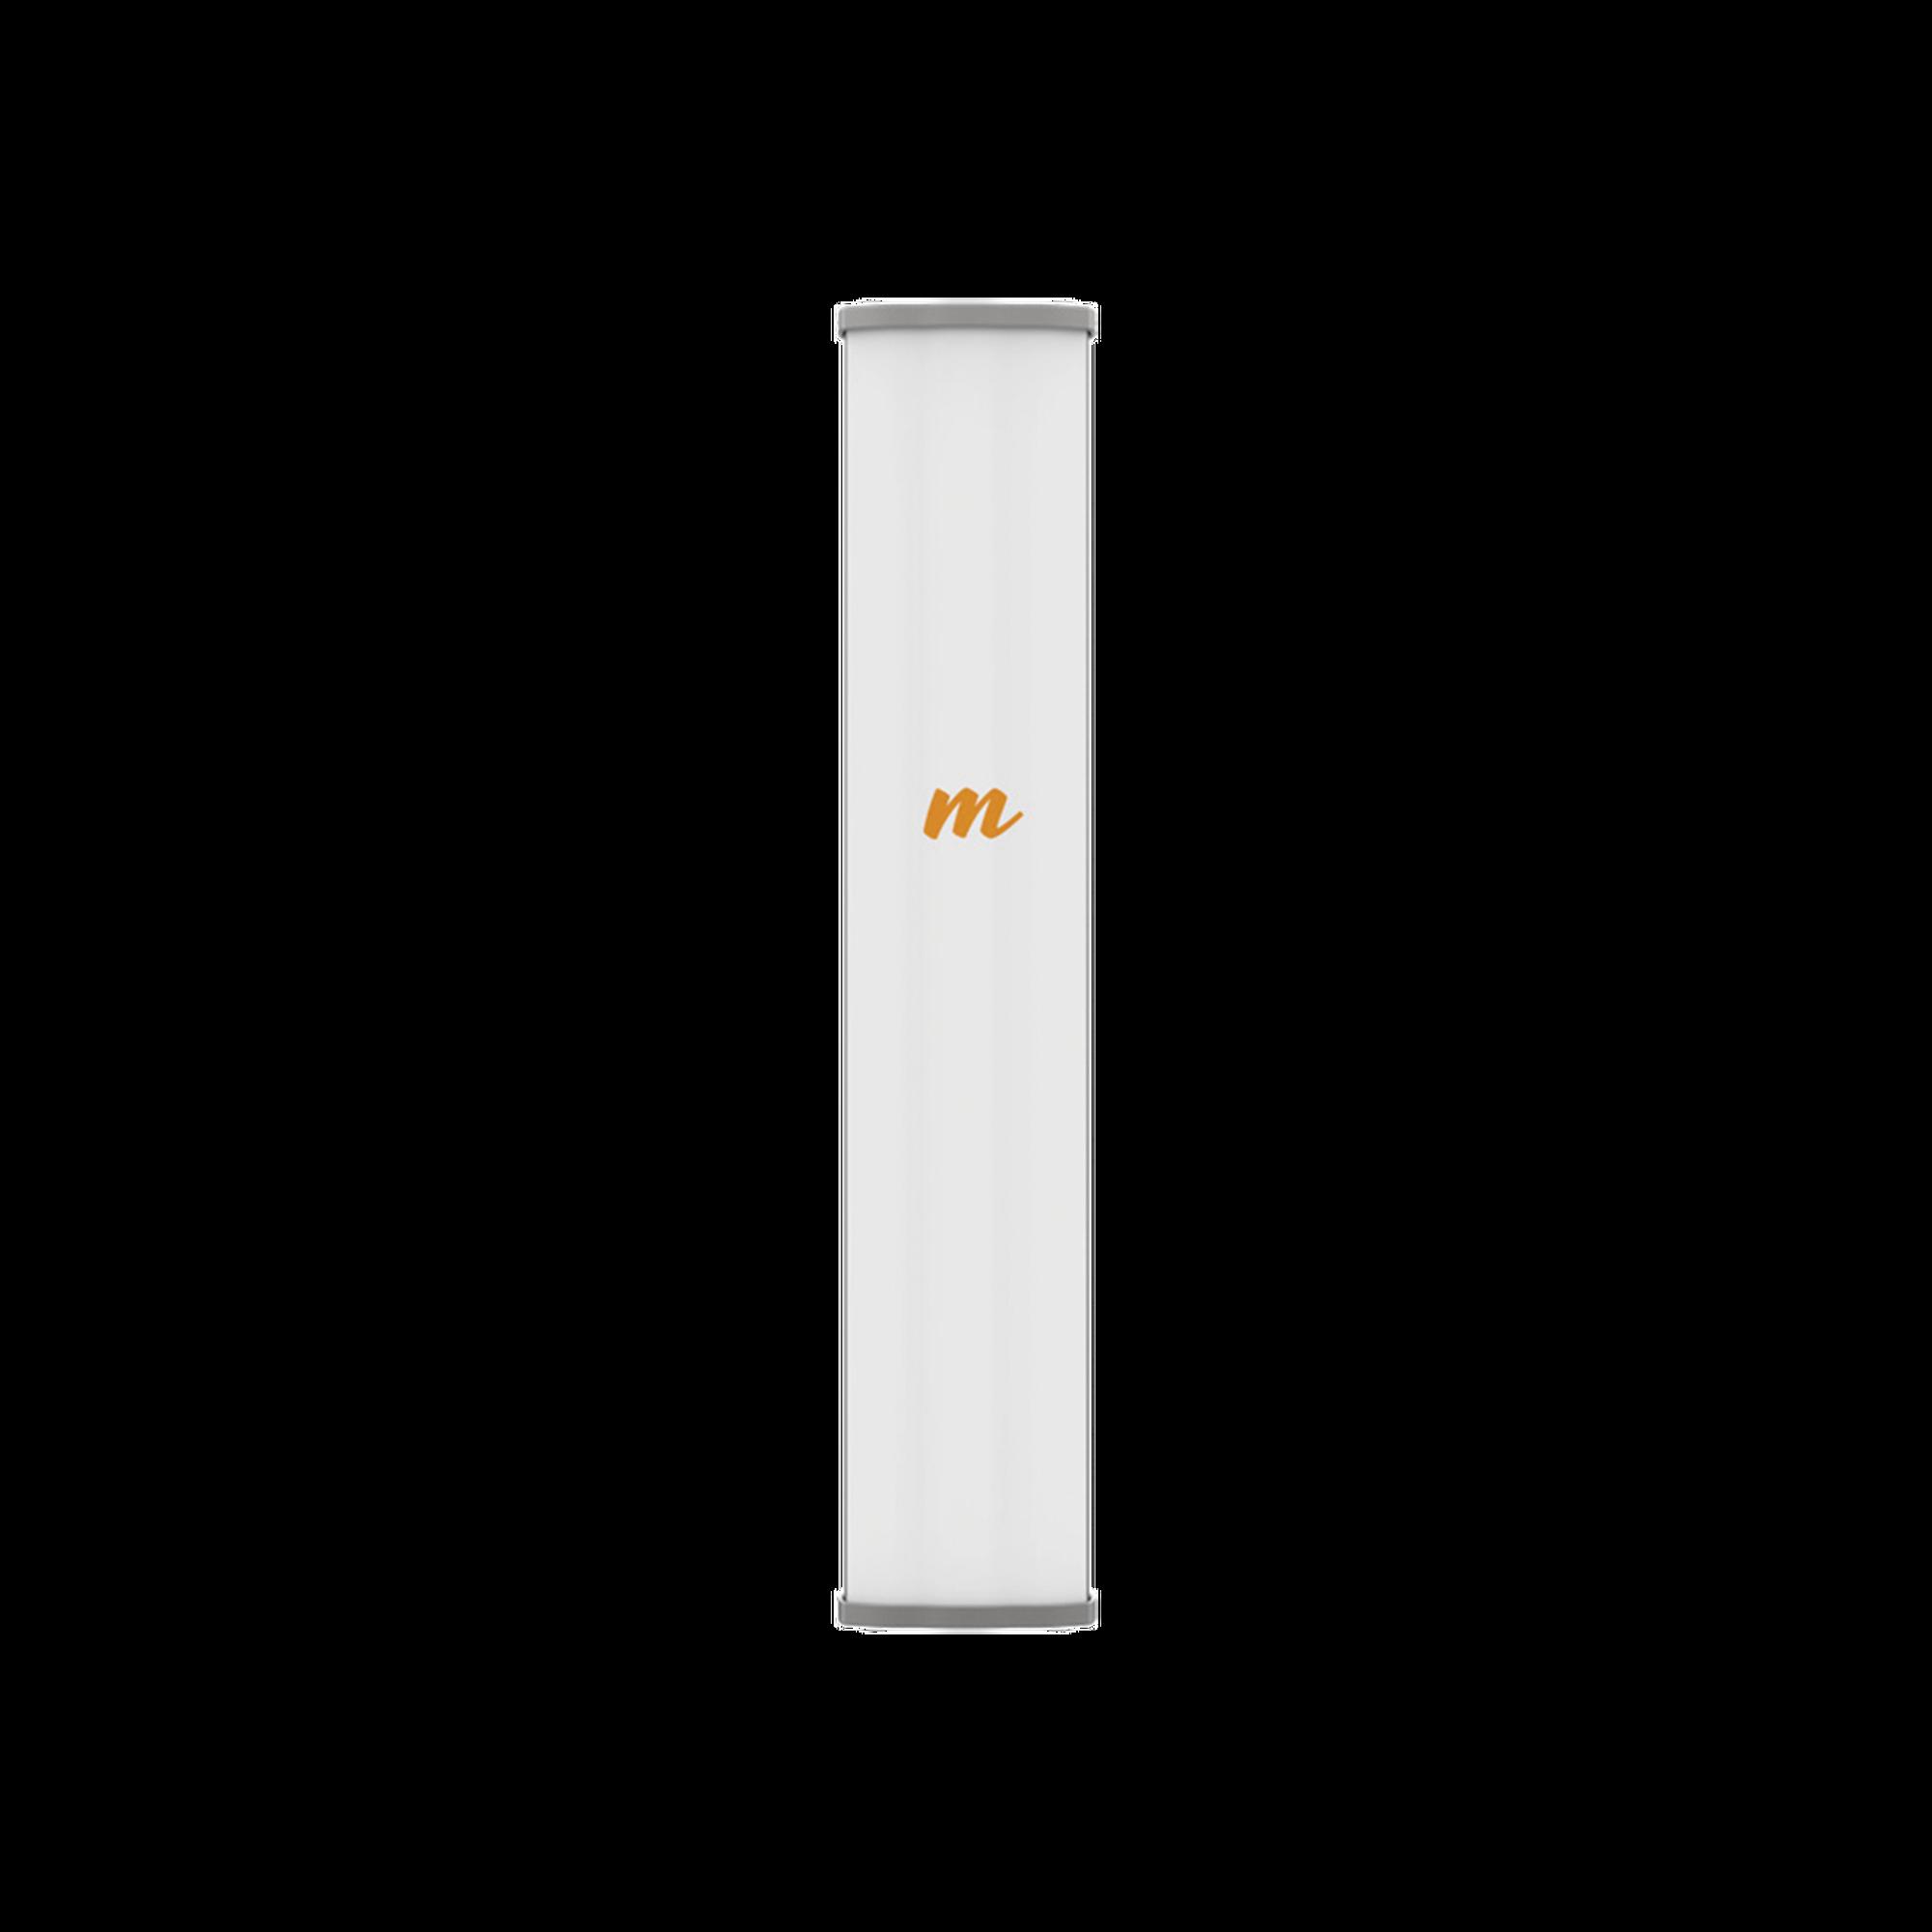 Antena Sectorial MIMO 4X4 de 45 ?,  4.9 - 6.4 GHz, IP55, Ganancia de 22 dBi, 4 Conectores N-hembra, Montaje incluido.